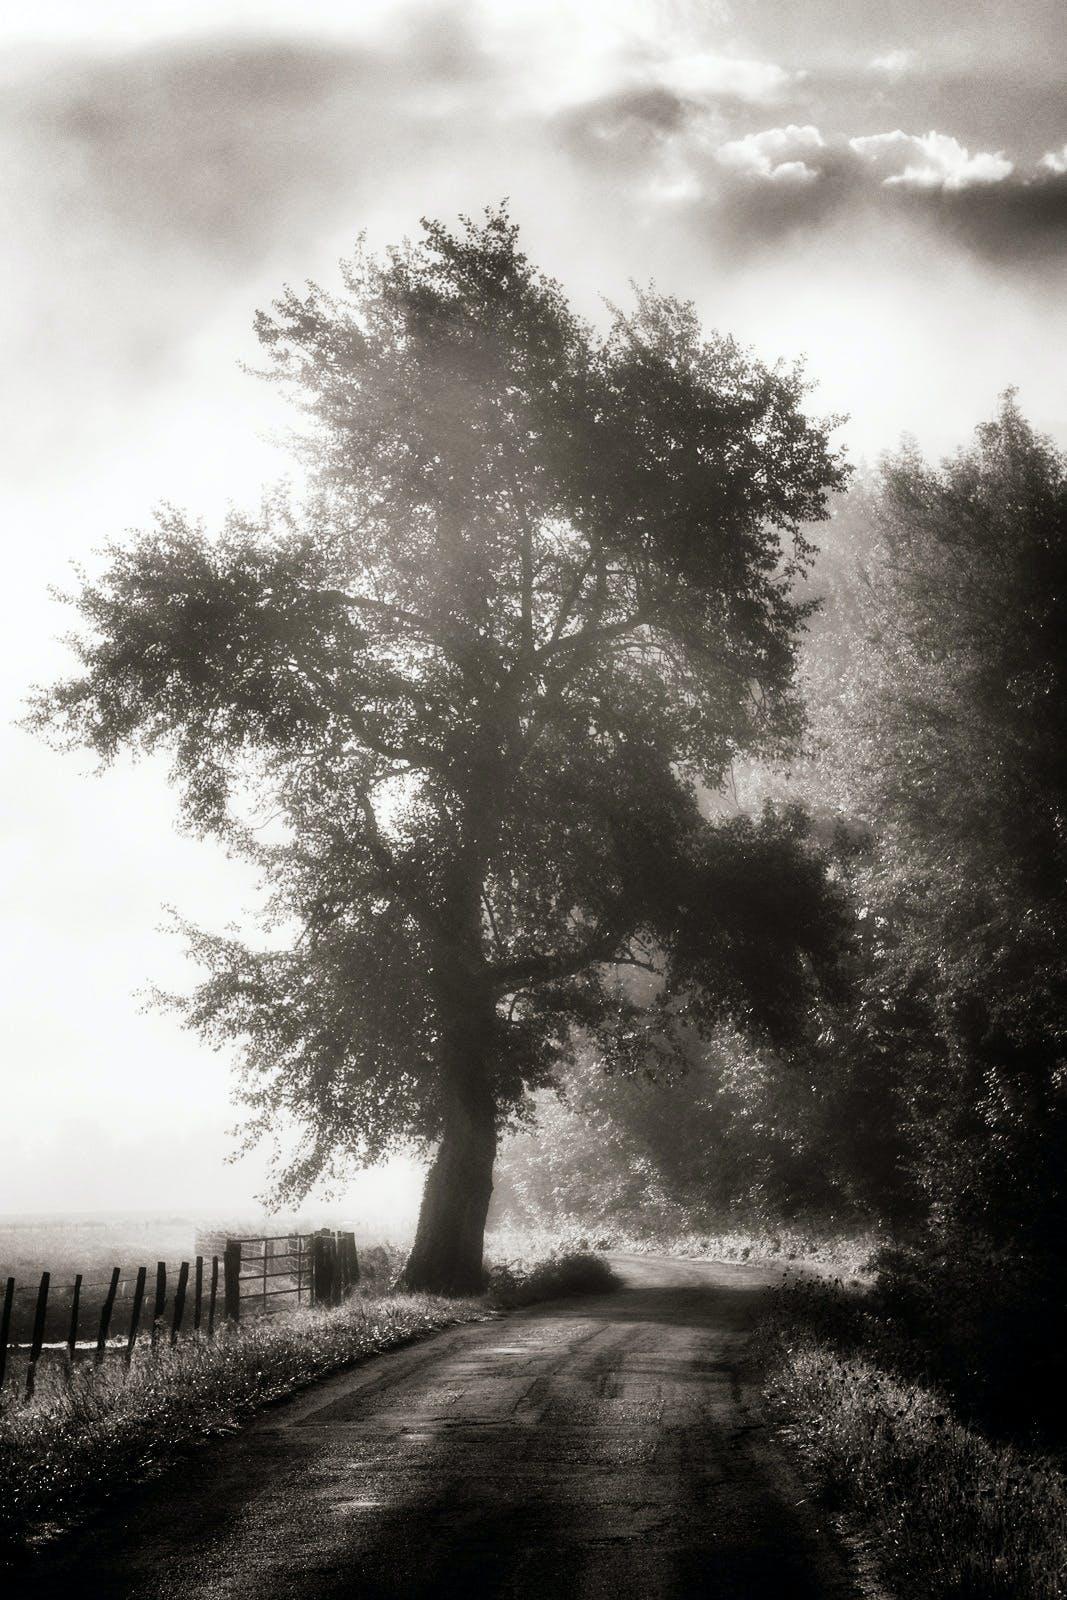 ダート, ミスト, 白黒, 道路の無料の写真素材